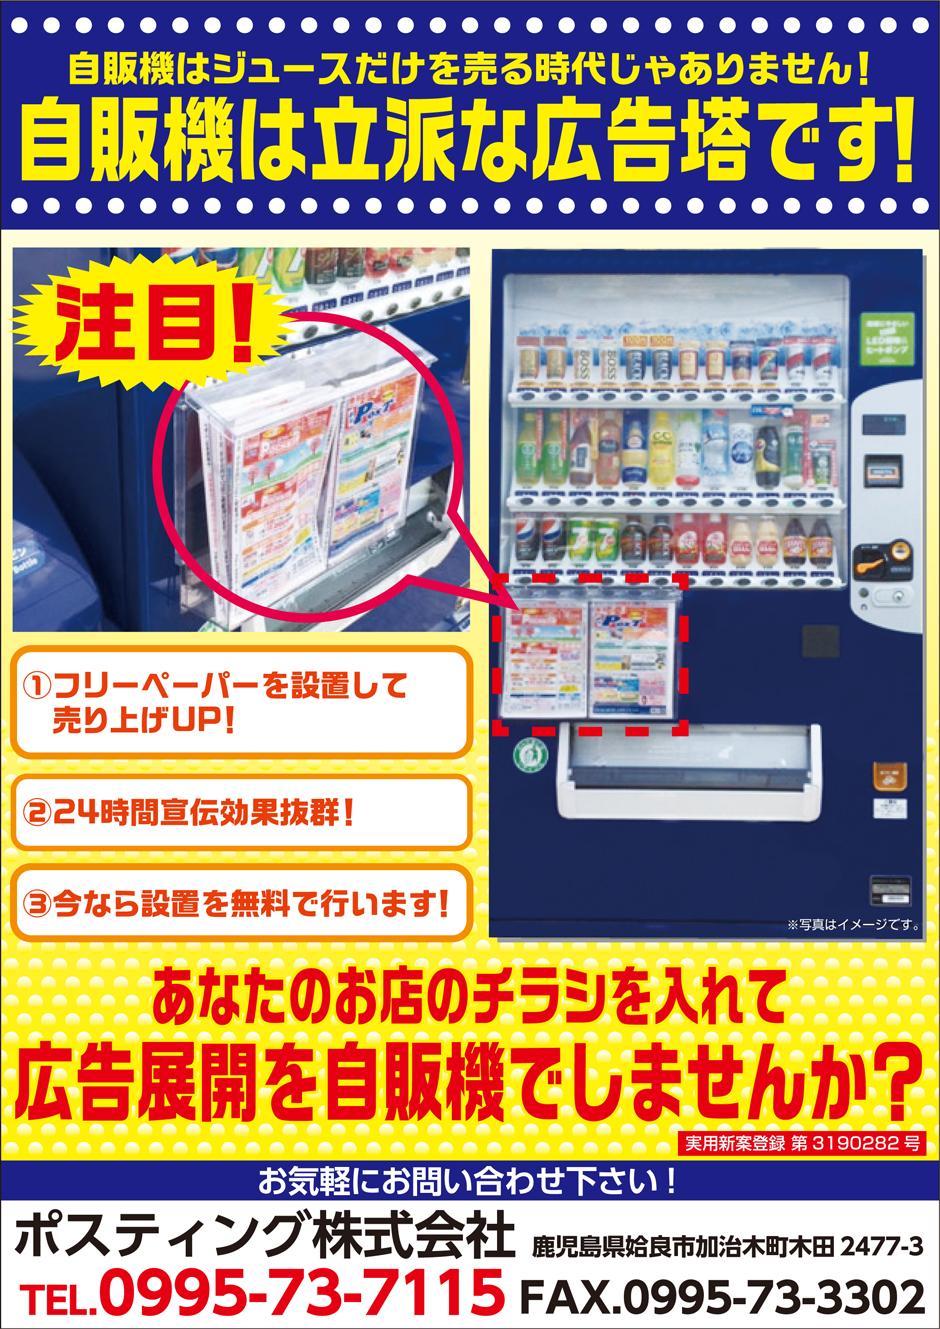 NEW自動販売機